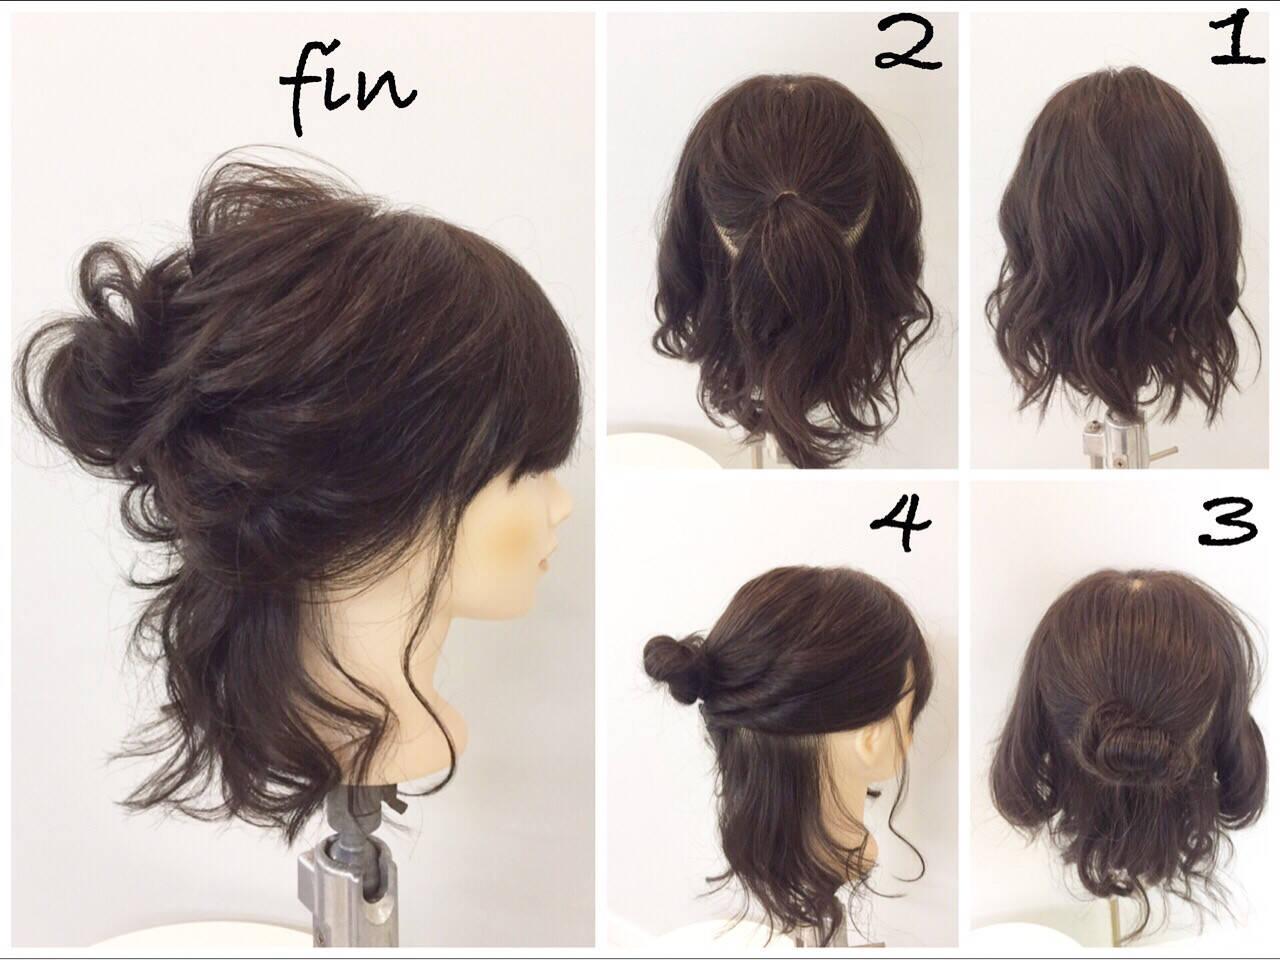 ボブ ハーフアップ 大人女子 簡単ヘアアレンジヘアスタイルや髪型の写真・画像